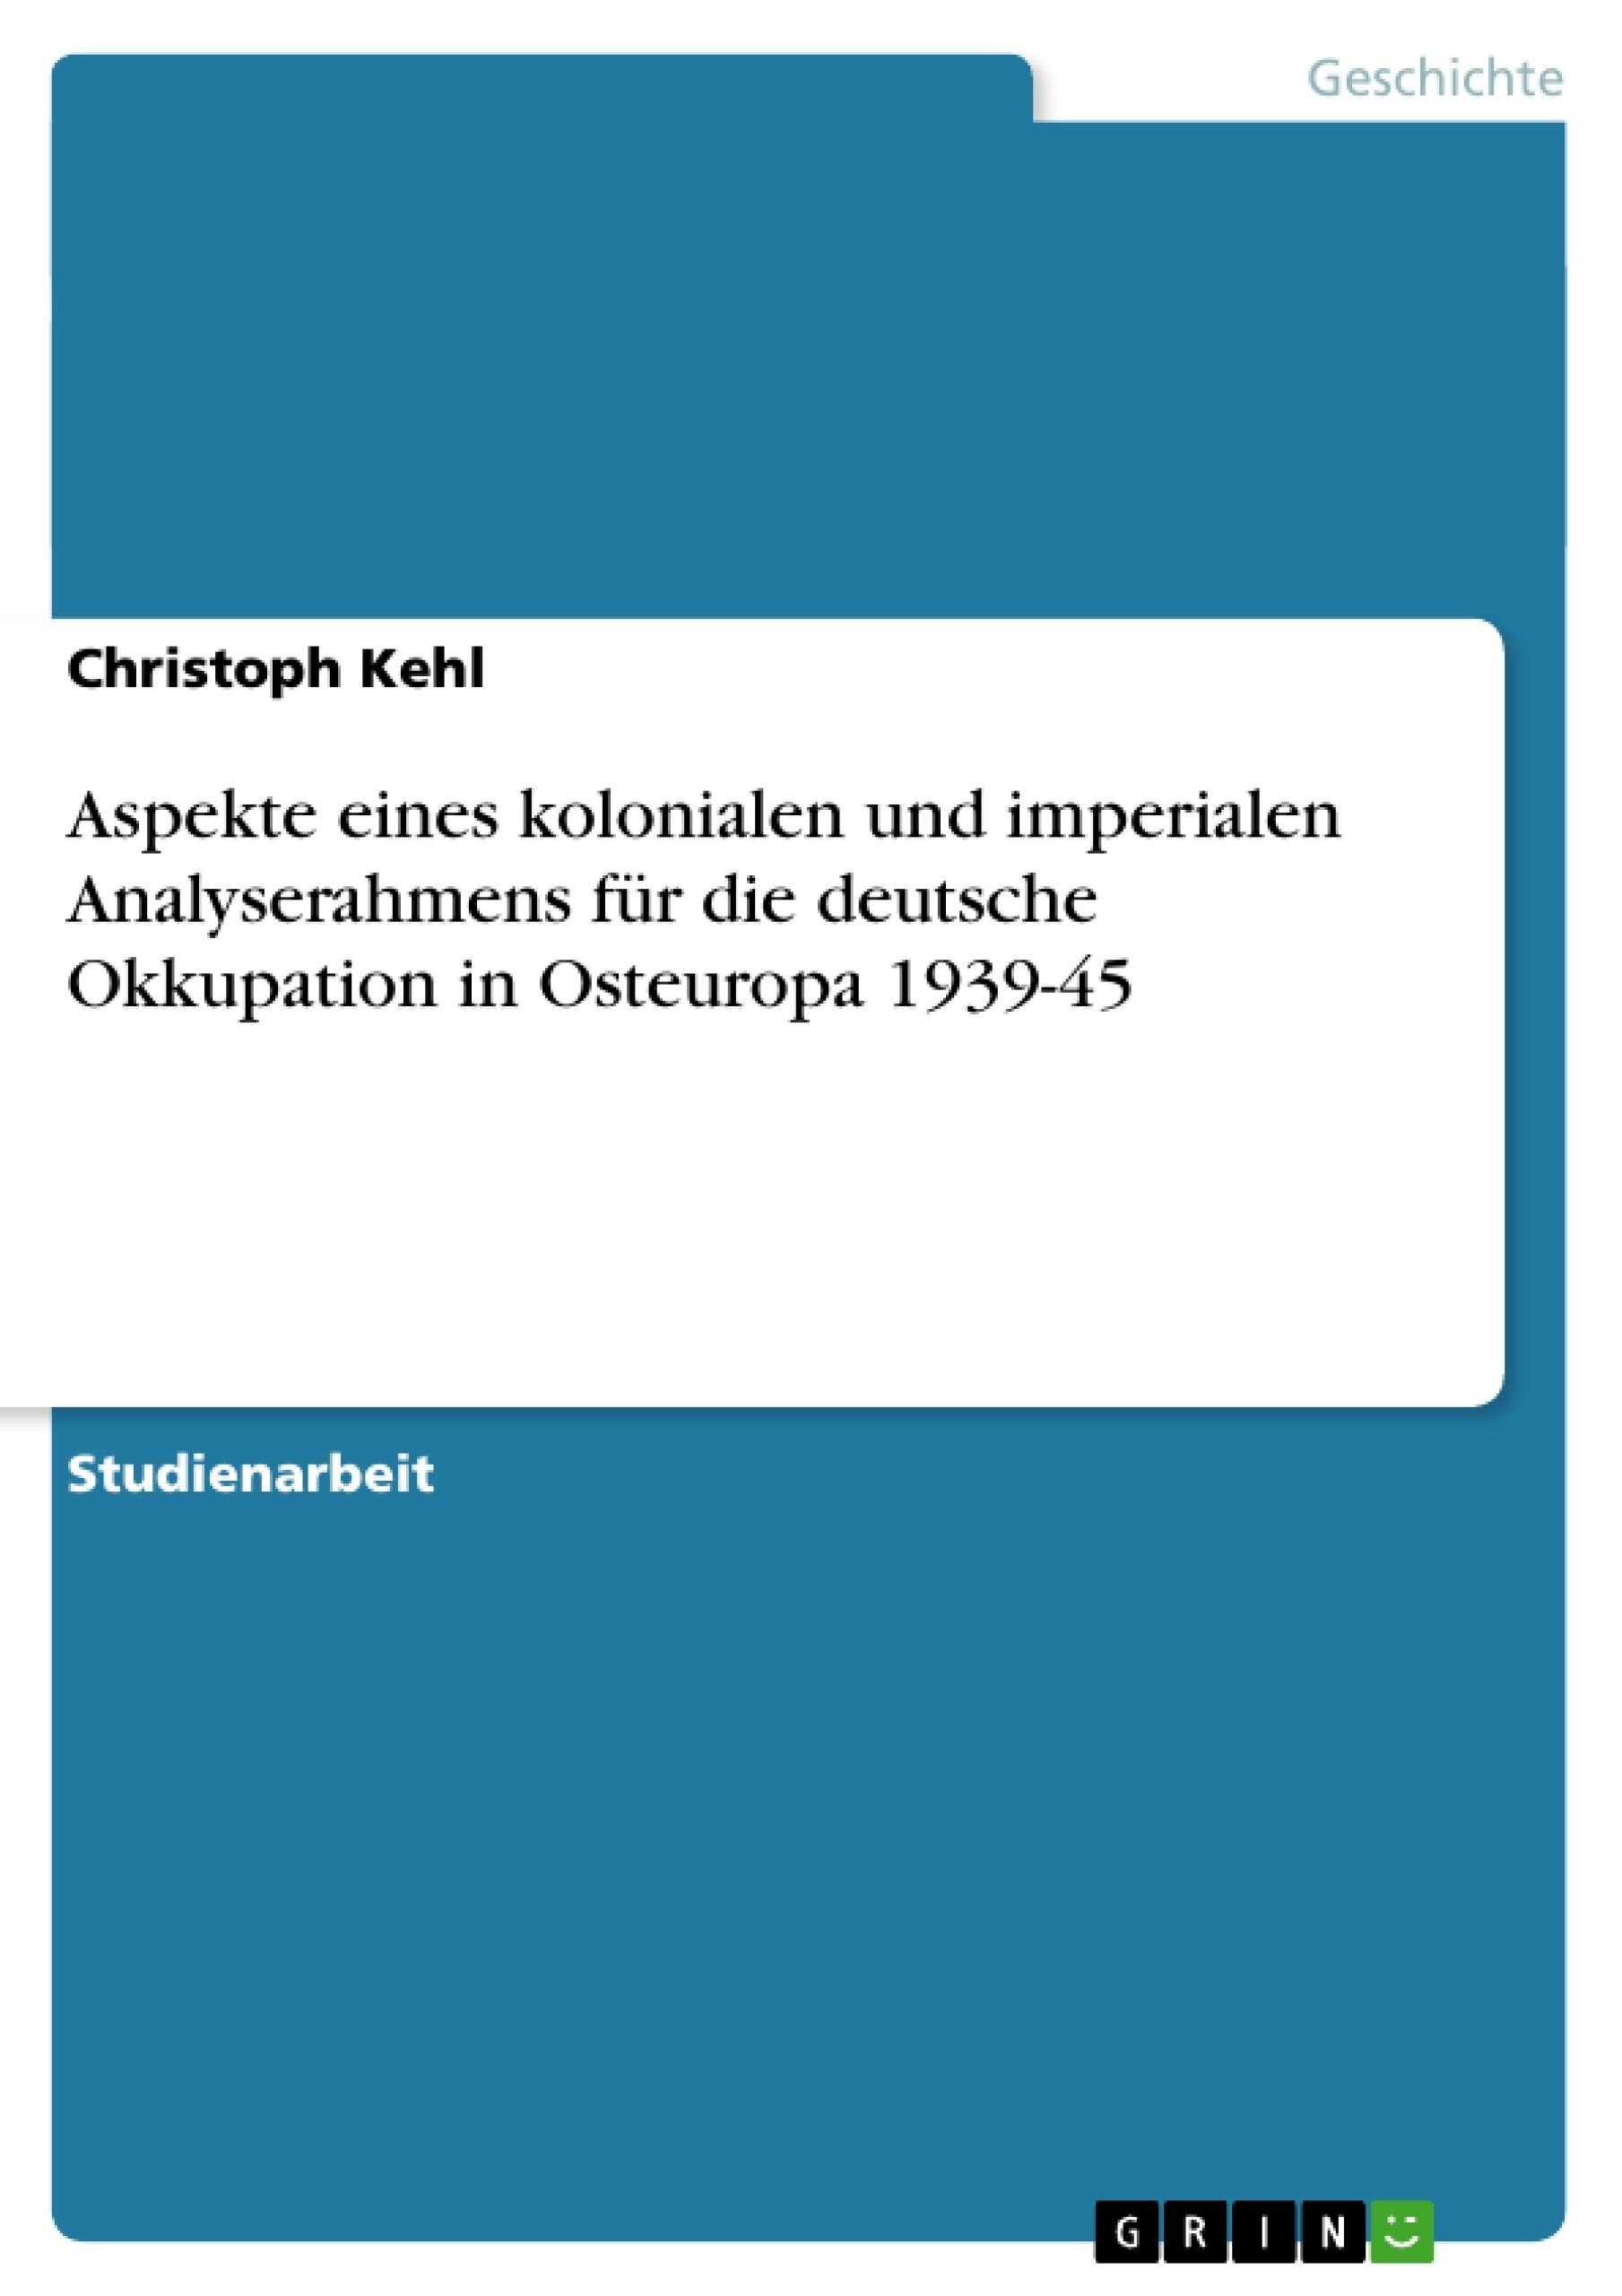 Titel: Aspekte eines kolonialen und imperialen Analyserahmens für die deutsche Okkupation in Osteuropa 1939-45